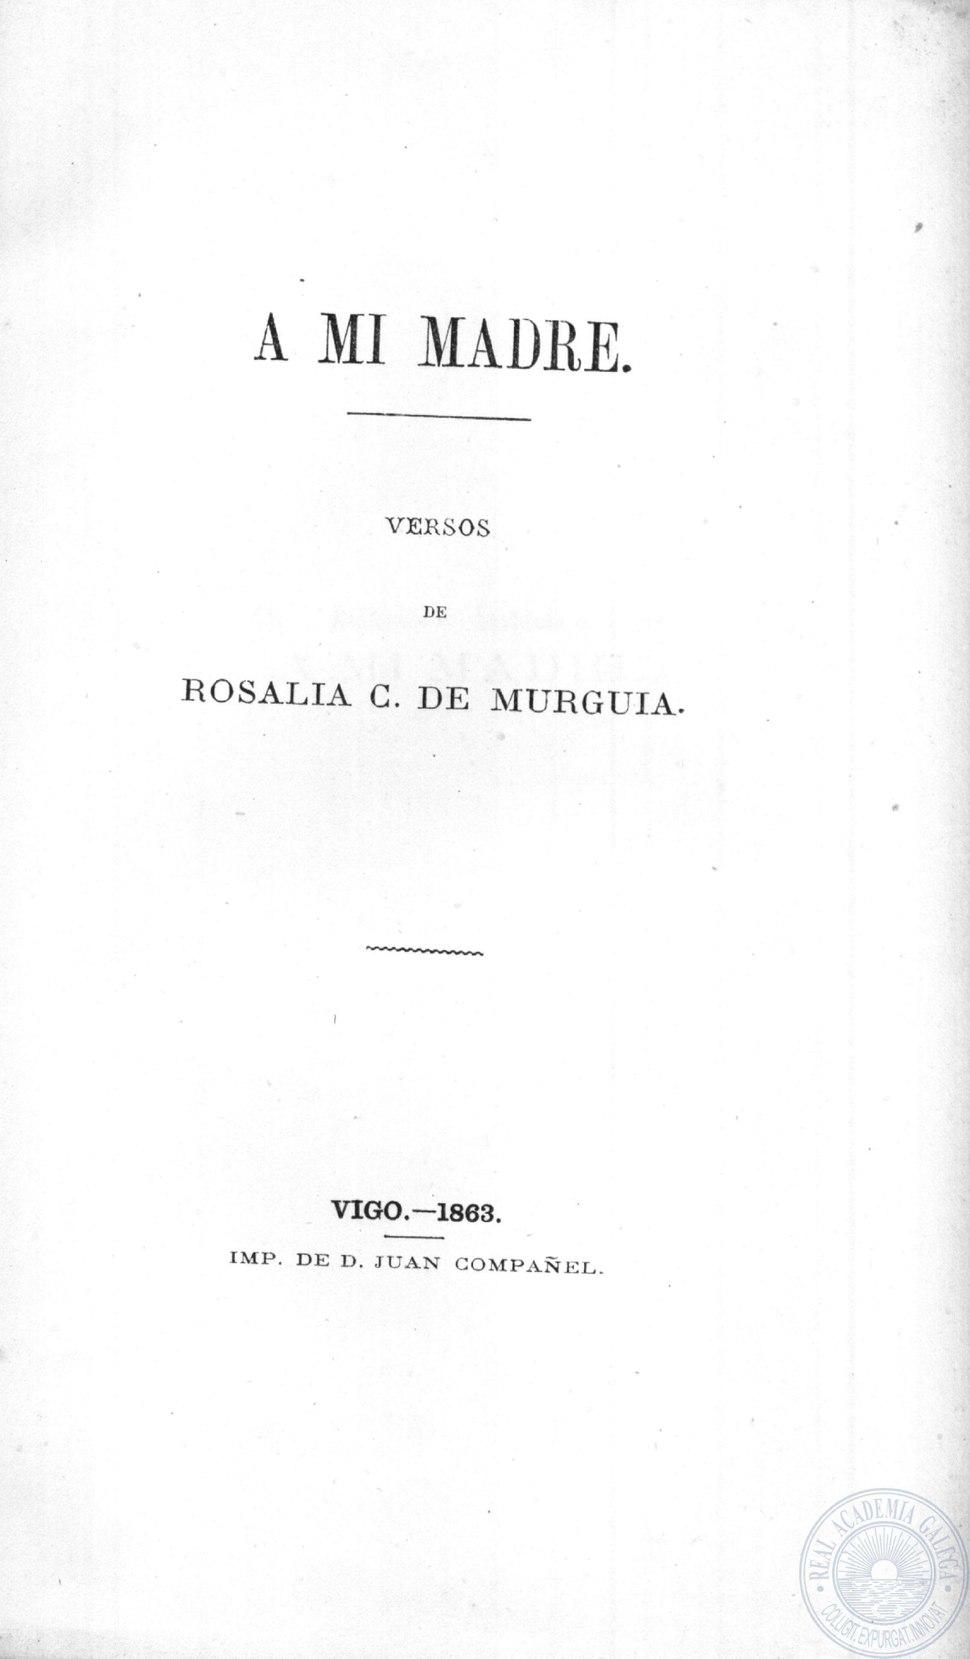 A mi madre, versos de Rosalía C. de Murguía, 1863.